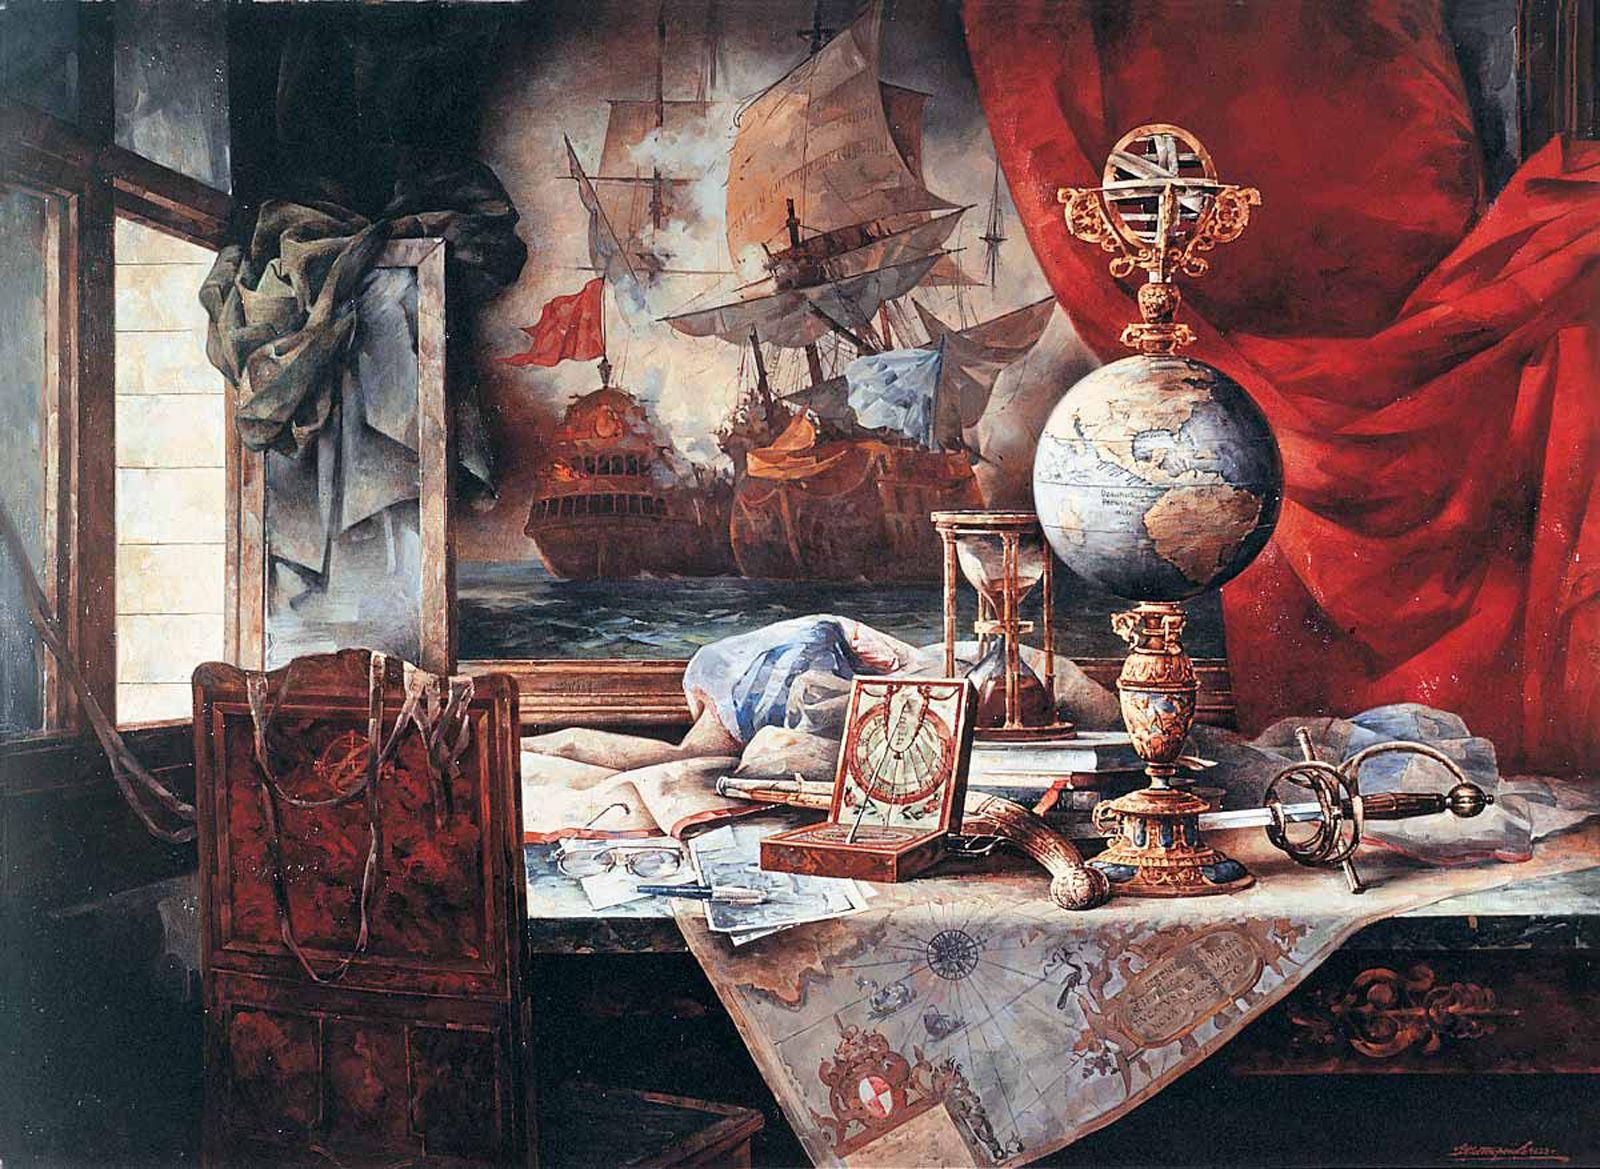 станках этого наука в картинах художников они рассказывали далеко